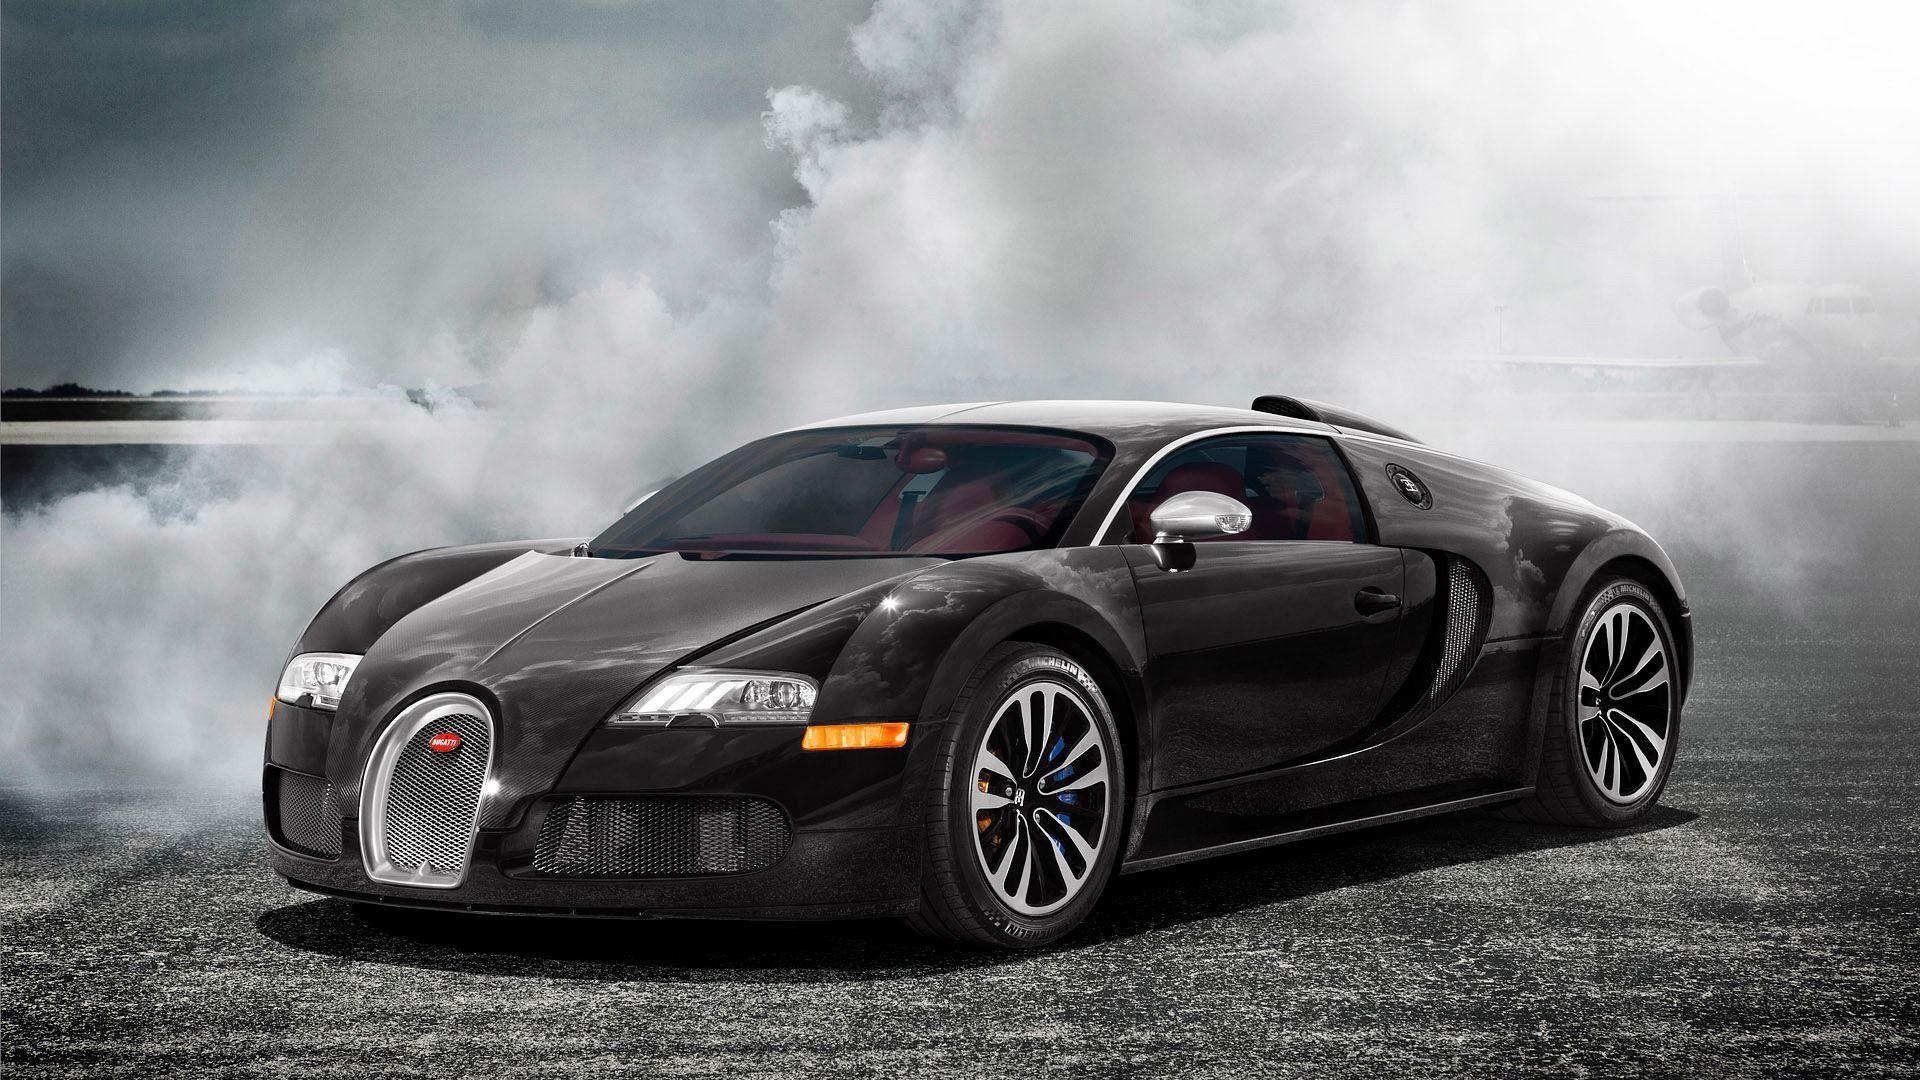 Bugatti Veyron 2013 Sports Cars Hd Wallpaper Bugatti Veyron Bugatti Sportwagen